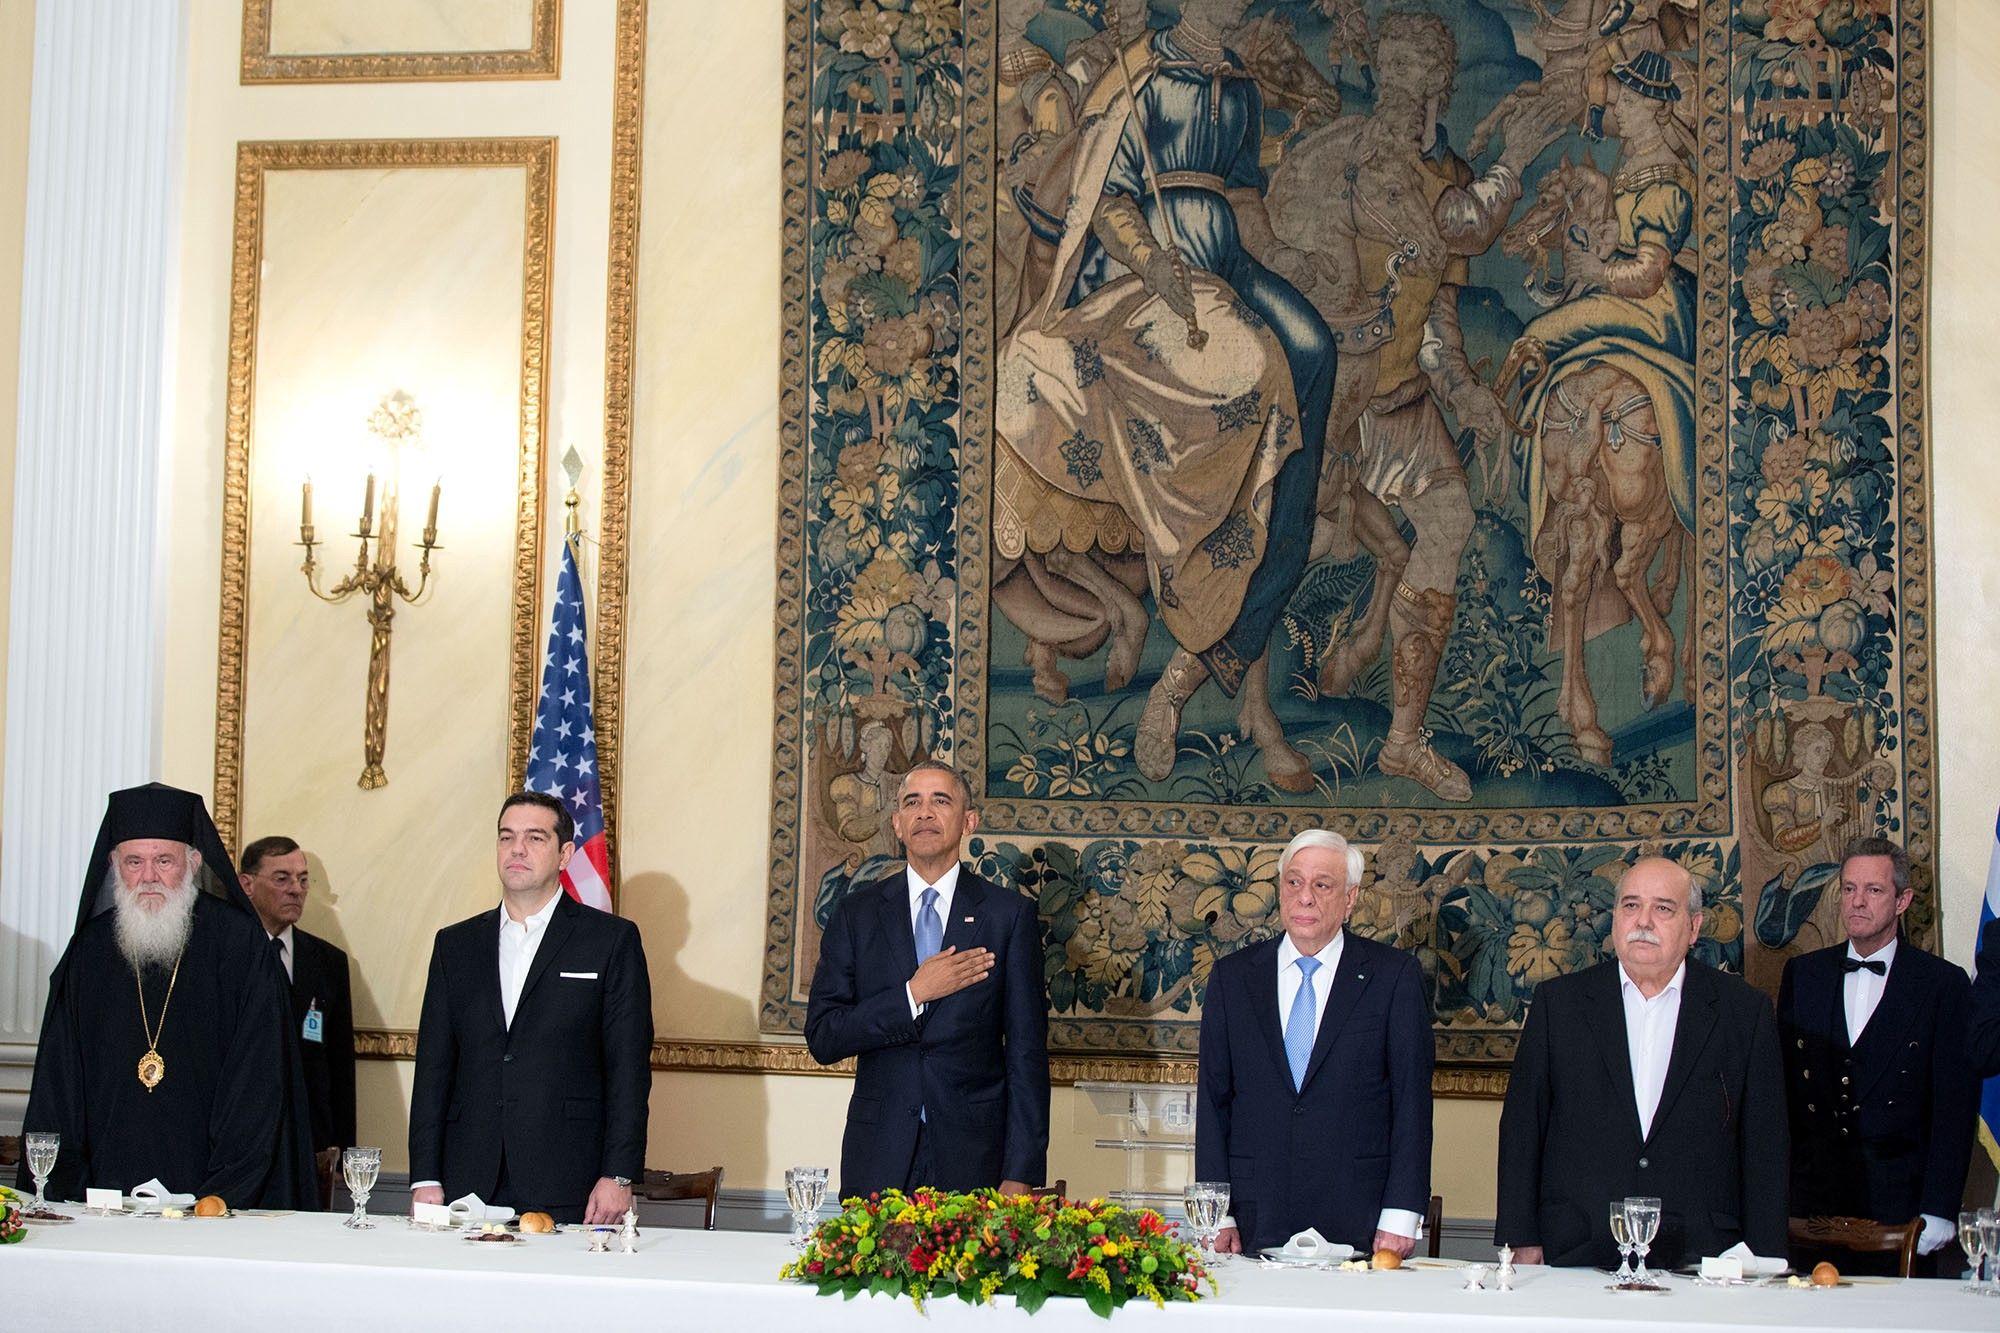 En fotos: Una mirada hacia atrás en el último viaje al extranjero del presidente Obama - Medium